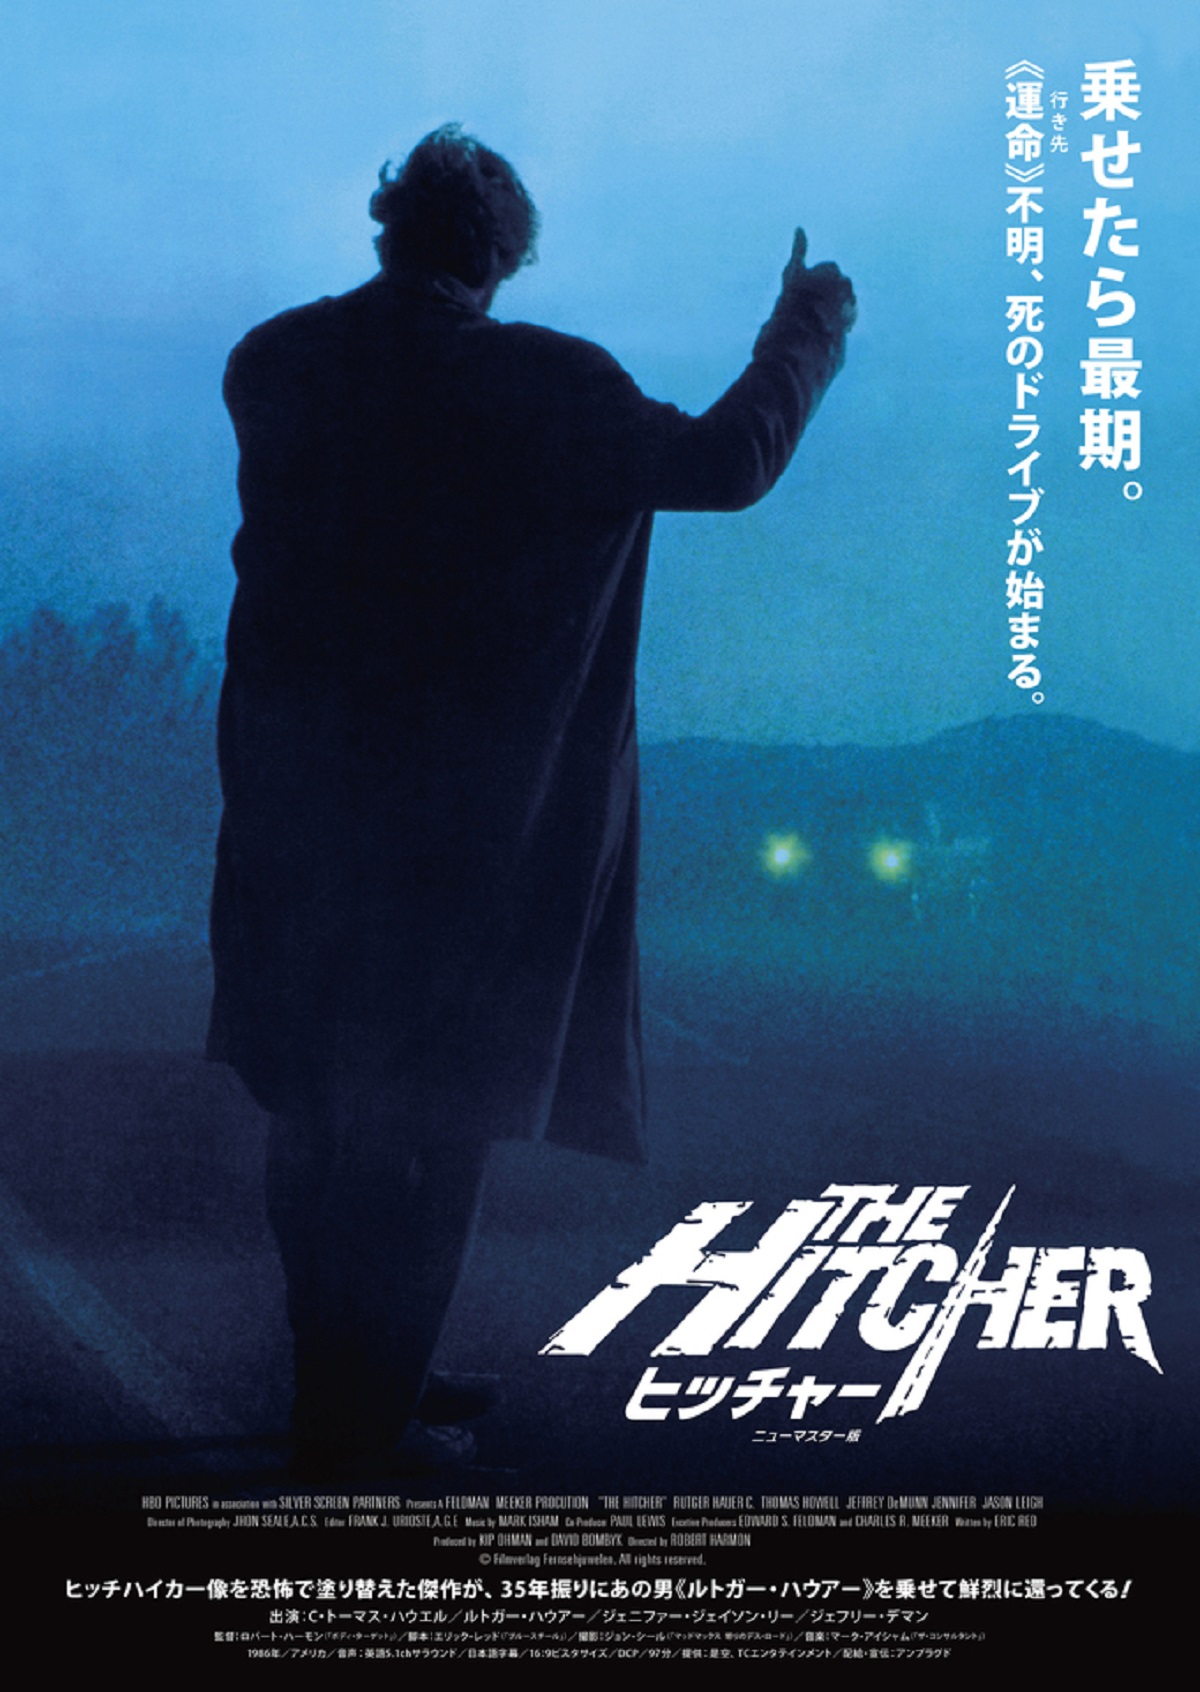 映画『ヒッチャー』のポスター